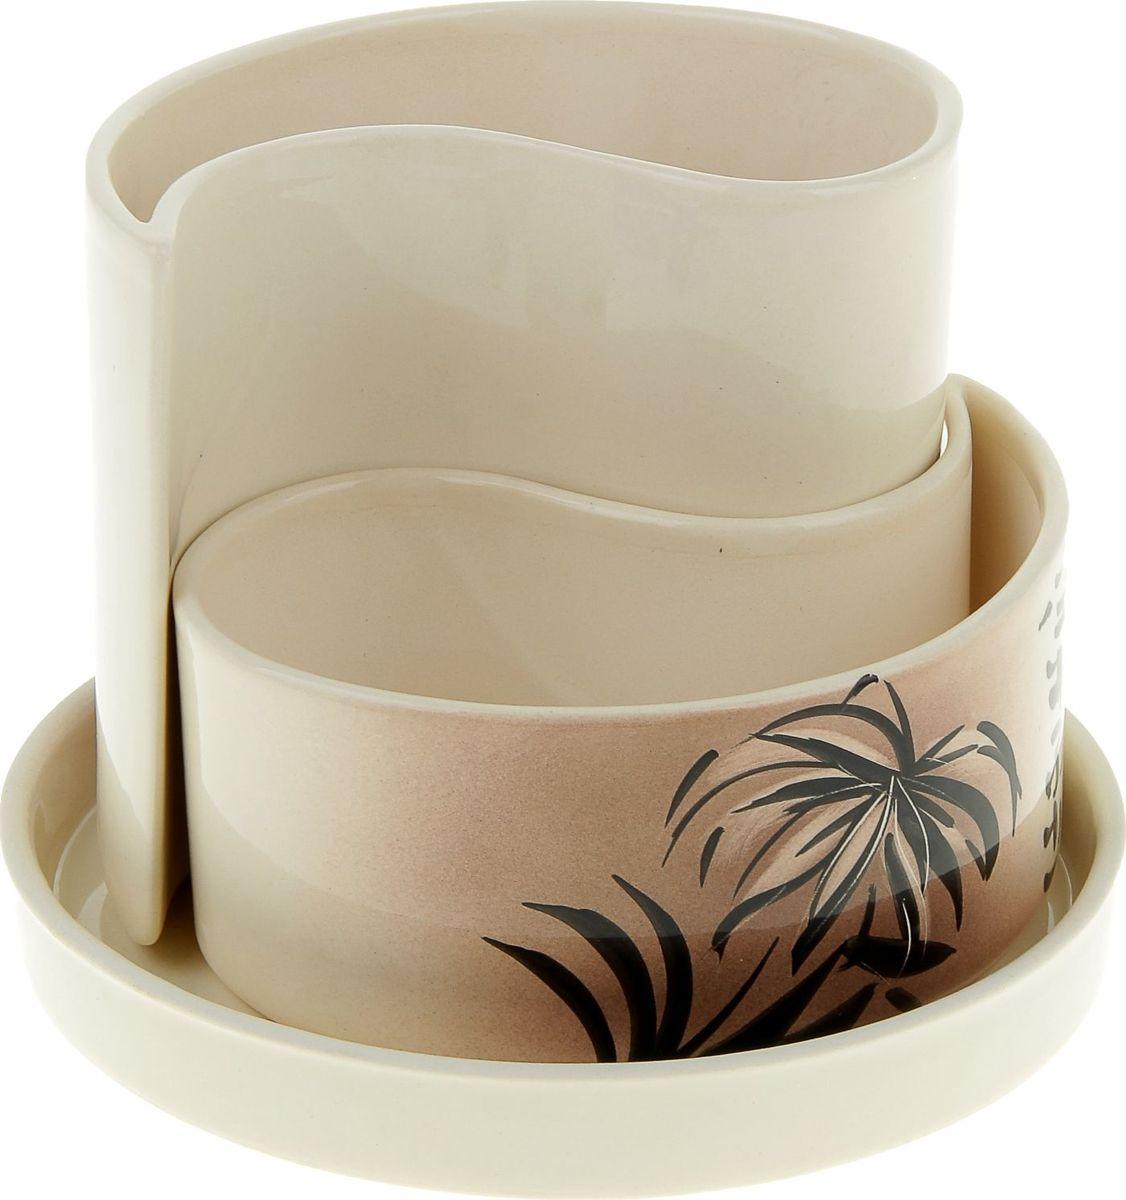 Набор кашпо Керамика ручной работы Капля. Мотылек, 2 предмета835597Комнатные растения — всеобщие любимцы. Они радуют глаз, насыщают помещение кислородом и украшают пространство. Каждому из них необходим свой удобный и красивый дом. Кашпо из керамики прекрасно подходят для высадки растений: за счёт пластичности глины и разных способов обработки существует великое множество форм и дизайновпористый материал позволяет испаряться лишней влагевоздух, необходимый для дыхания корней, проникает сквозь керамические стенки! #name# позаботится о зелёном питомце, освежит интерьер и подчеркнёт его стиль.